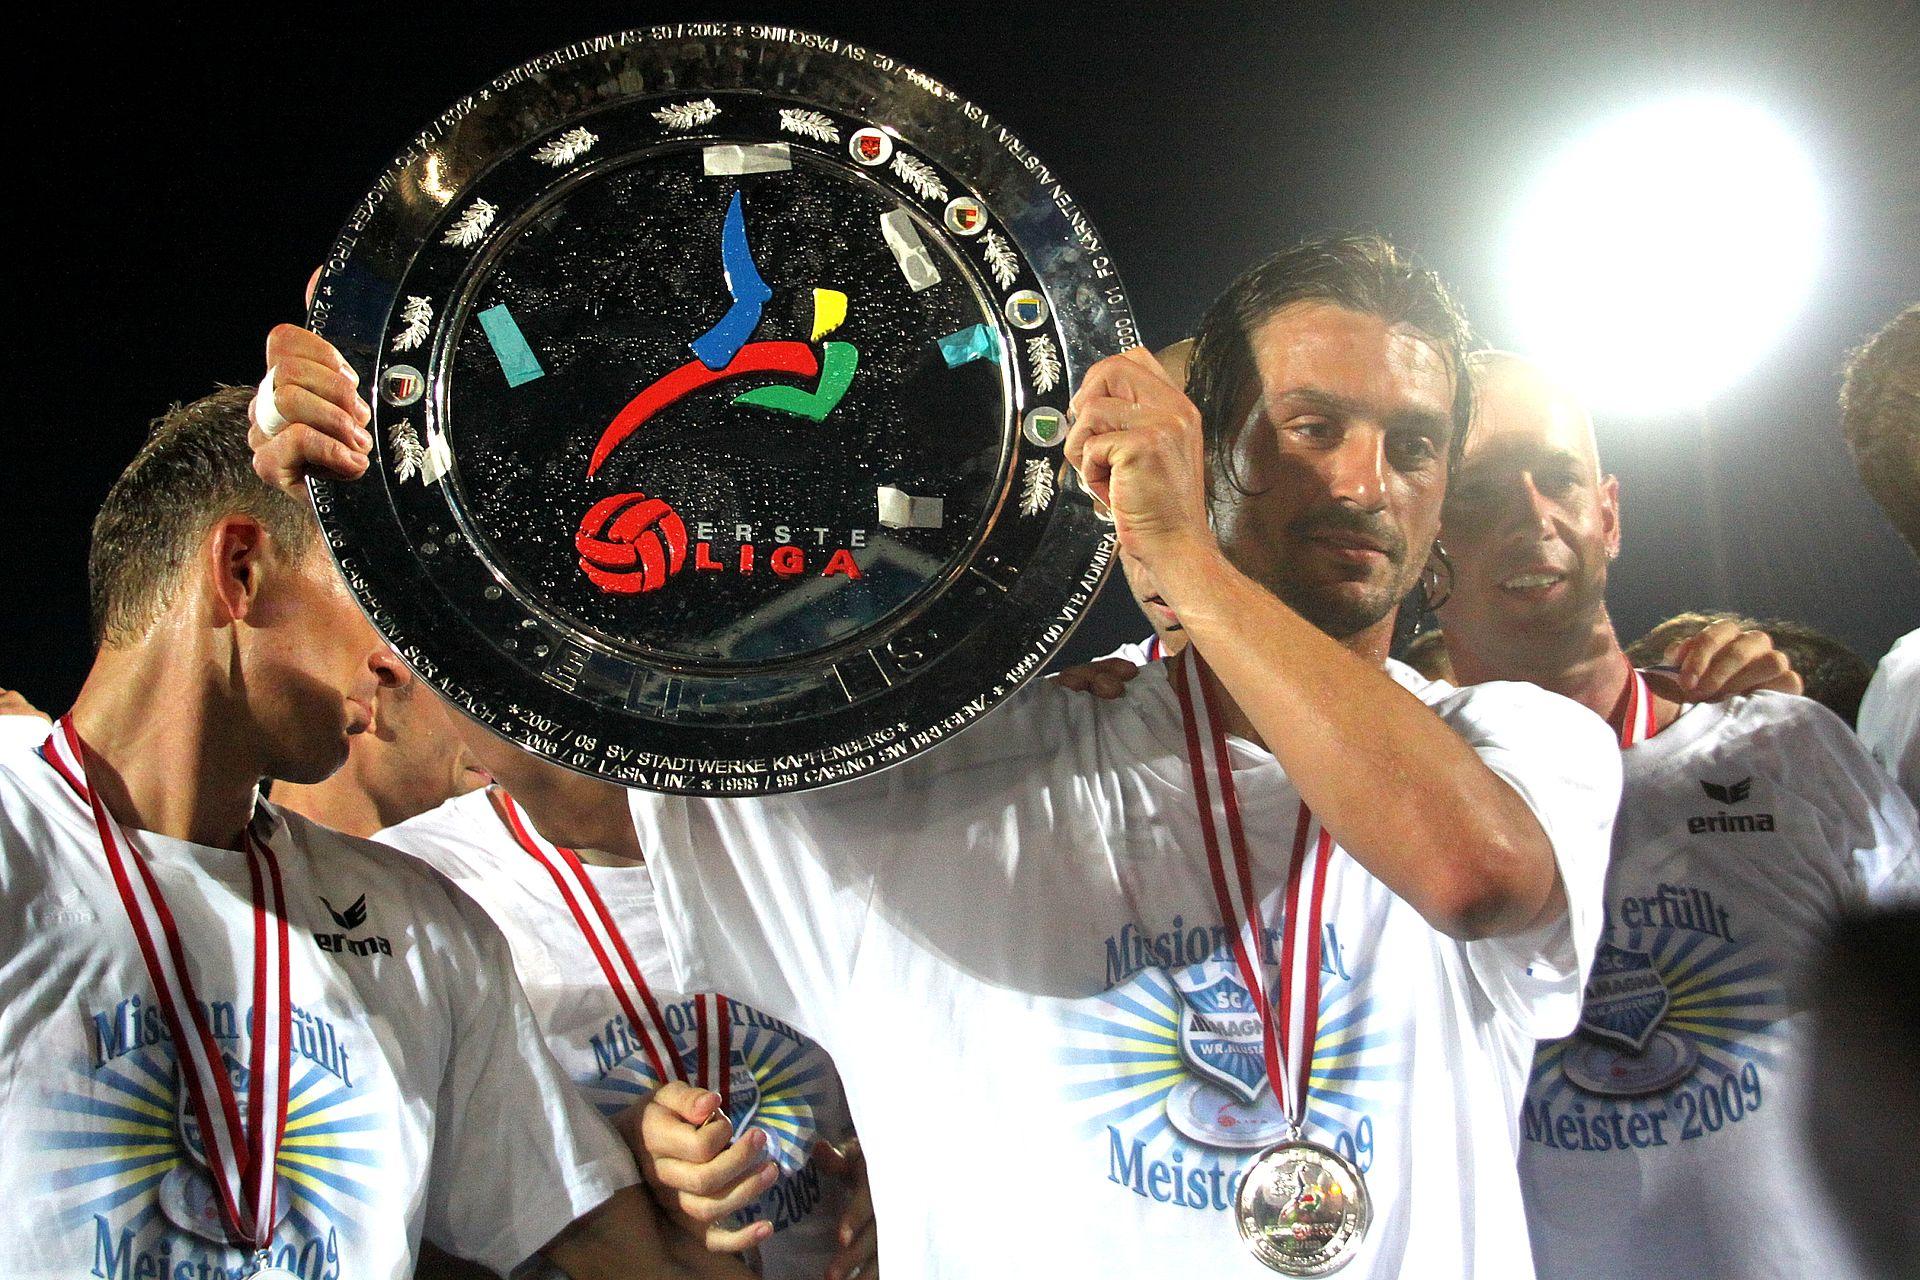 TГјrkische Erste Liga